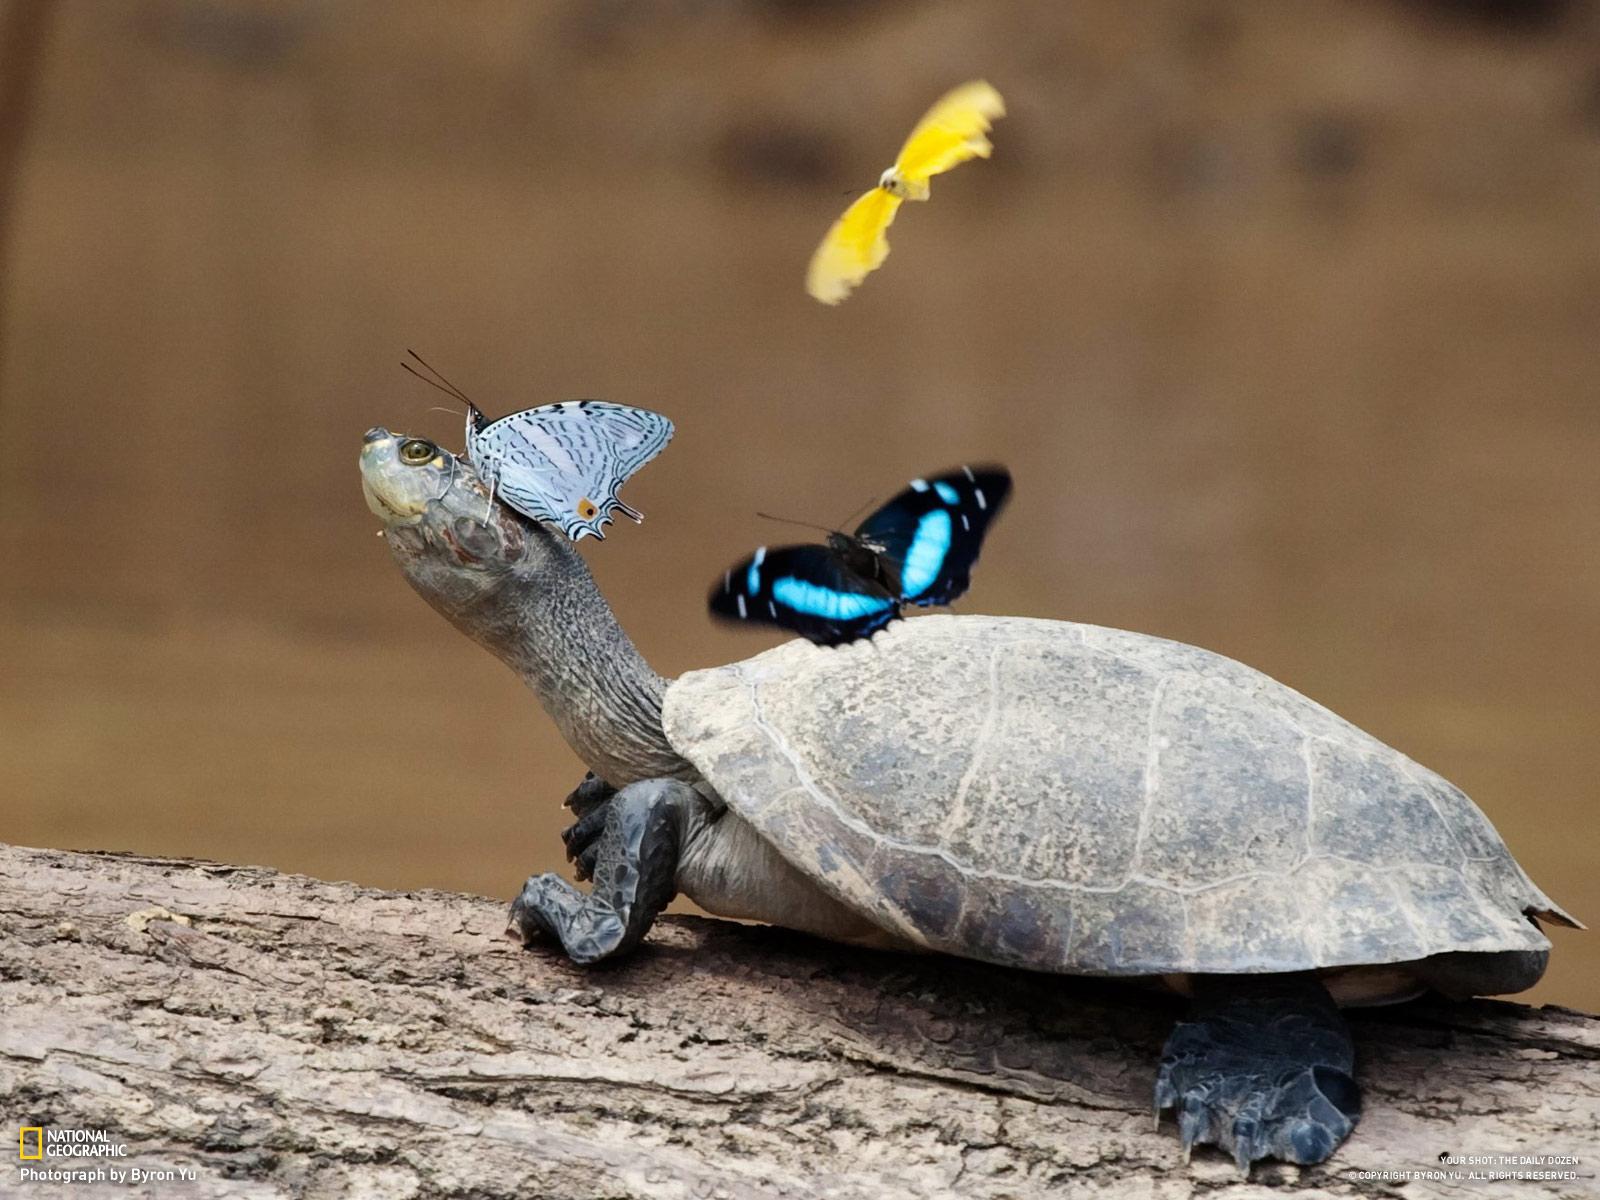 http://3.bp.blogspot.com/-9EfLpmVT304/TmppbIMURoI/AAAAAAAAA3M/OS4b_QfbGPM/s1600/turtles_butterfiles_animals_nature_www.Vvallpaper.net.jpg